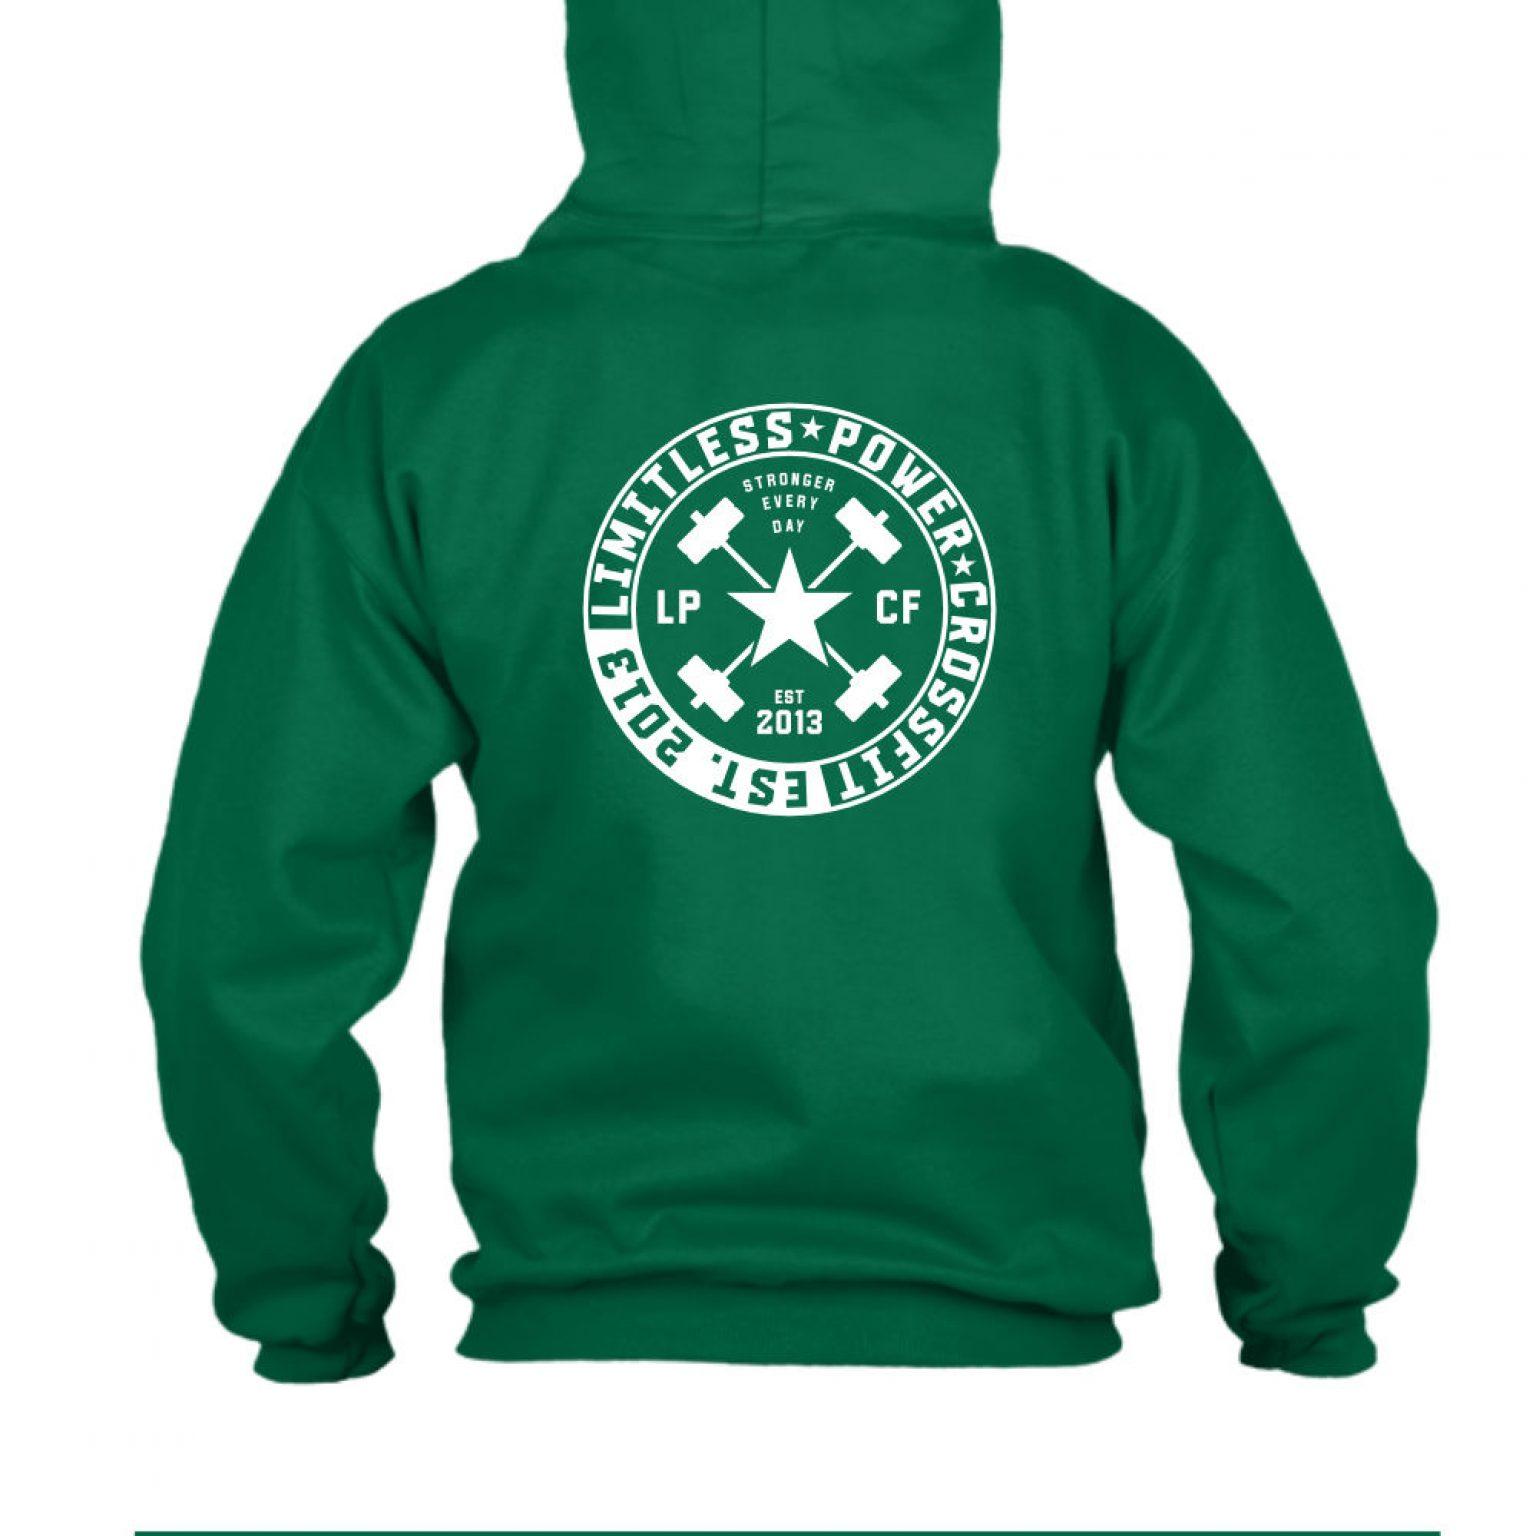 LPcircle hoodie green back